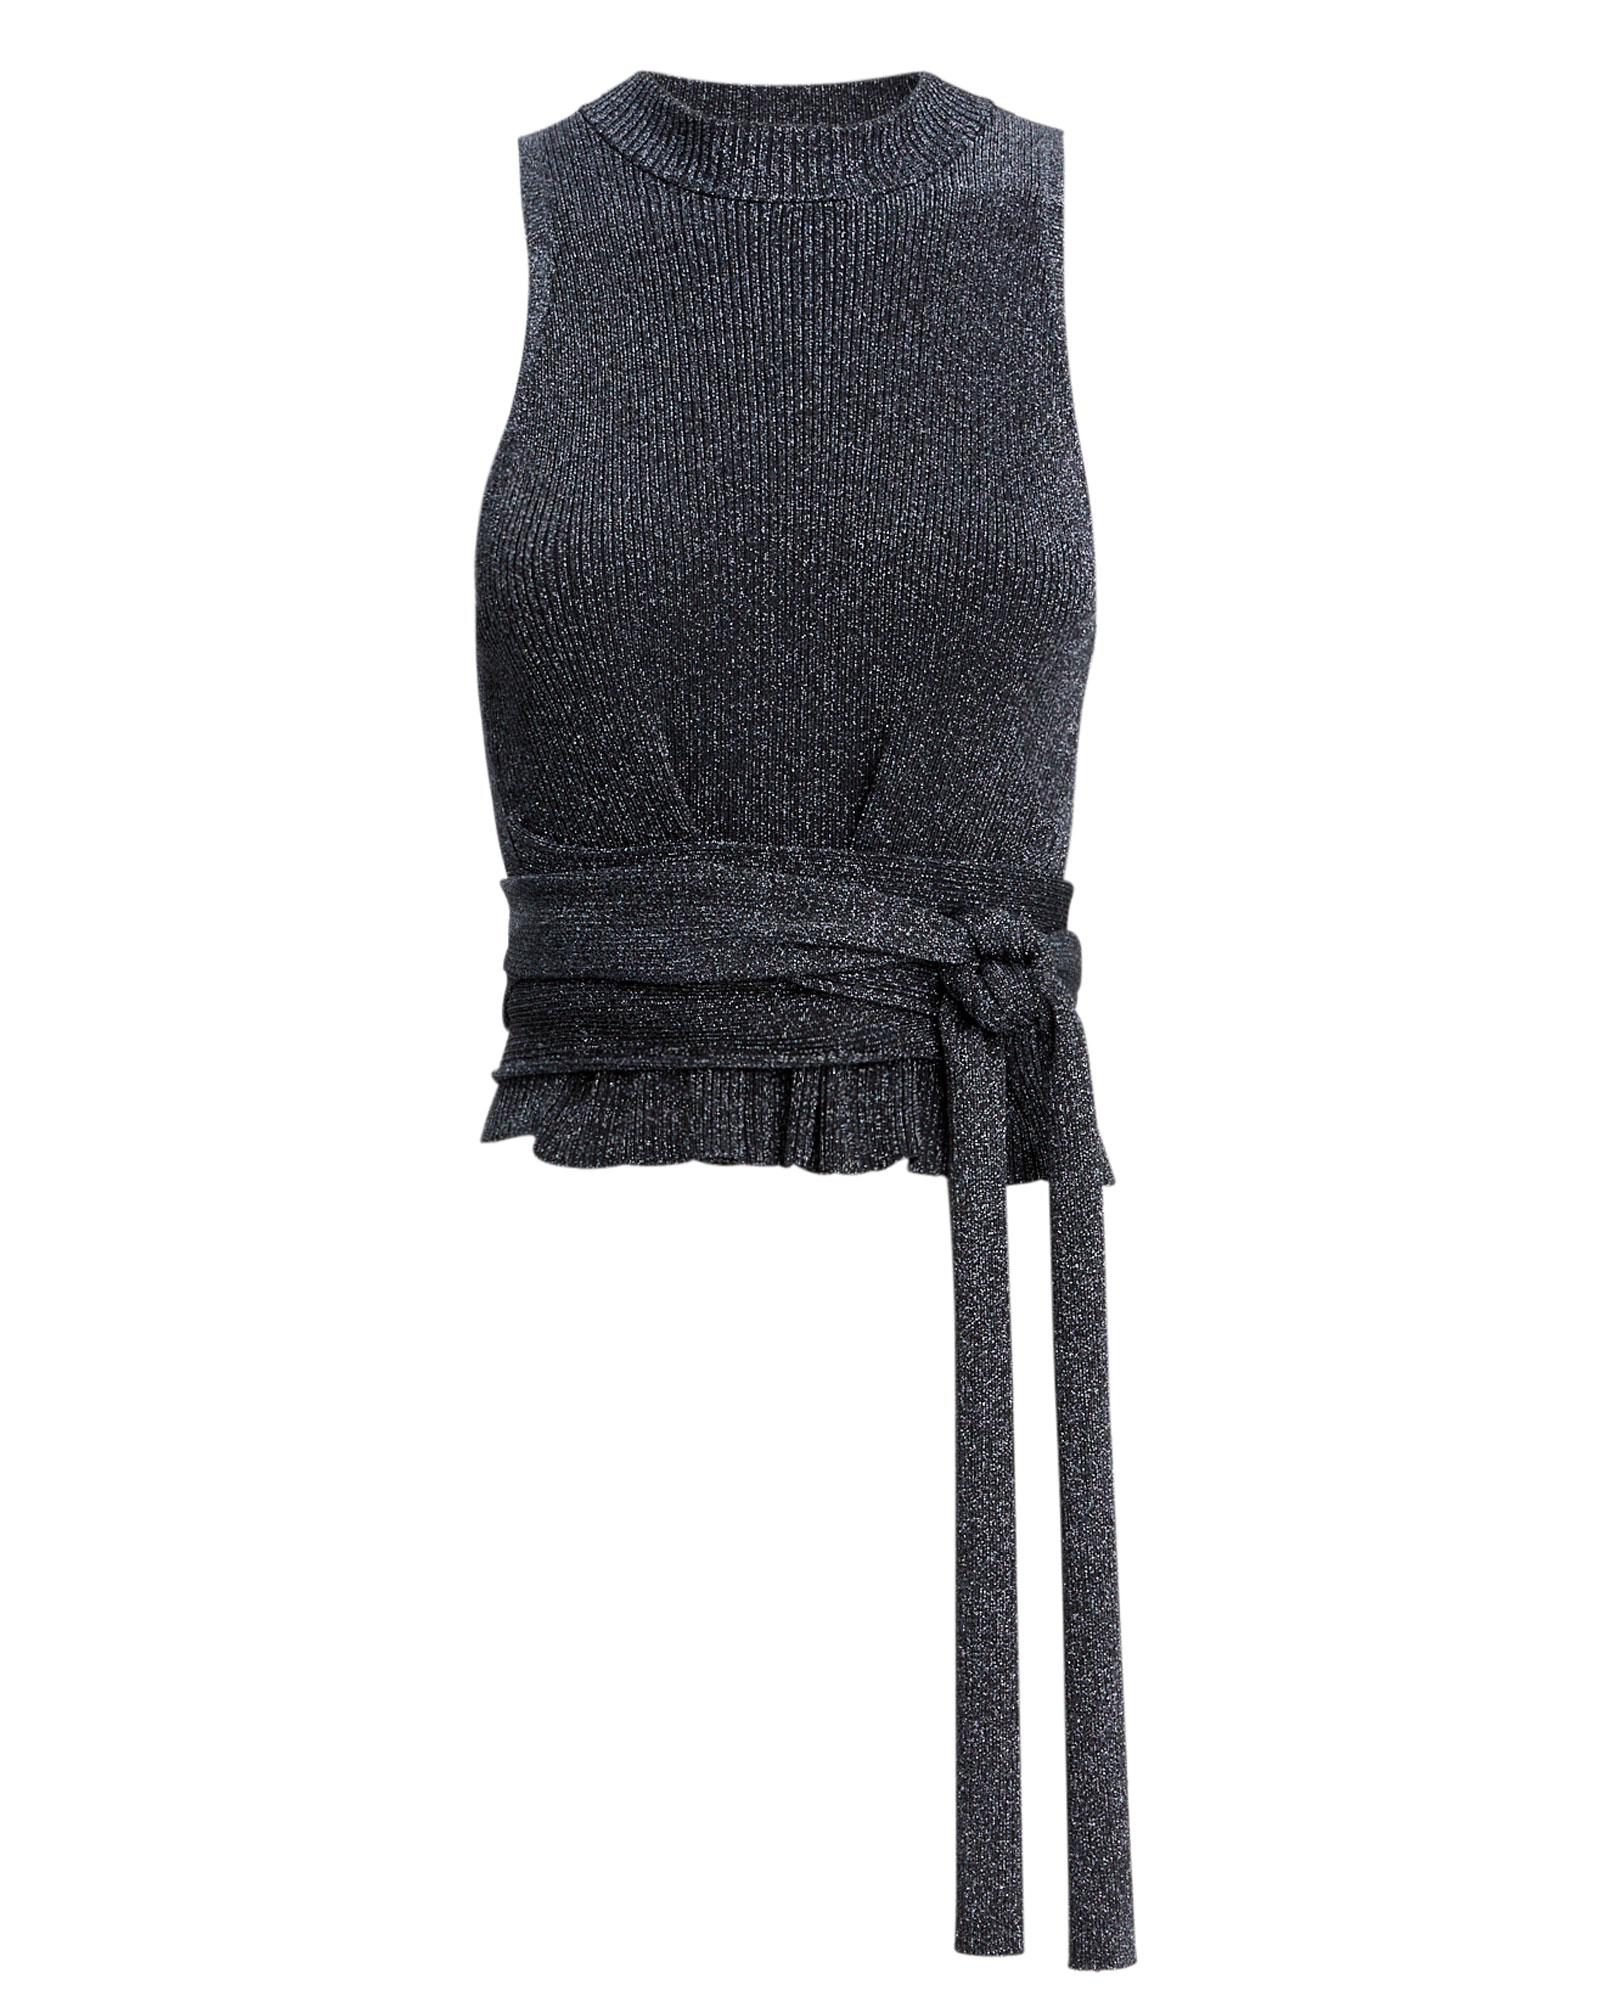 PHILLIP LIM 3.1 Phiip Im Tie Waist Urex Sweater Tank Navy/Siver